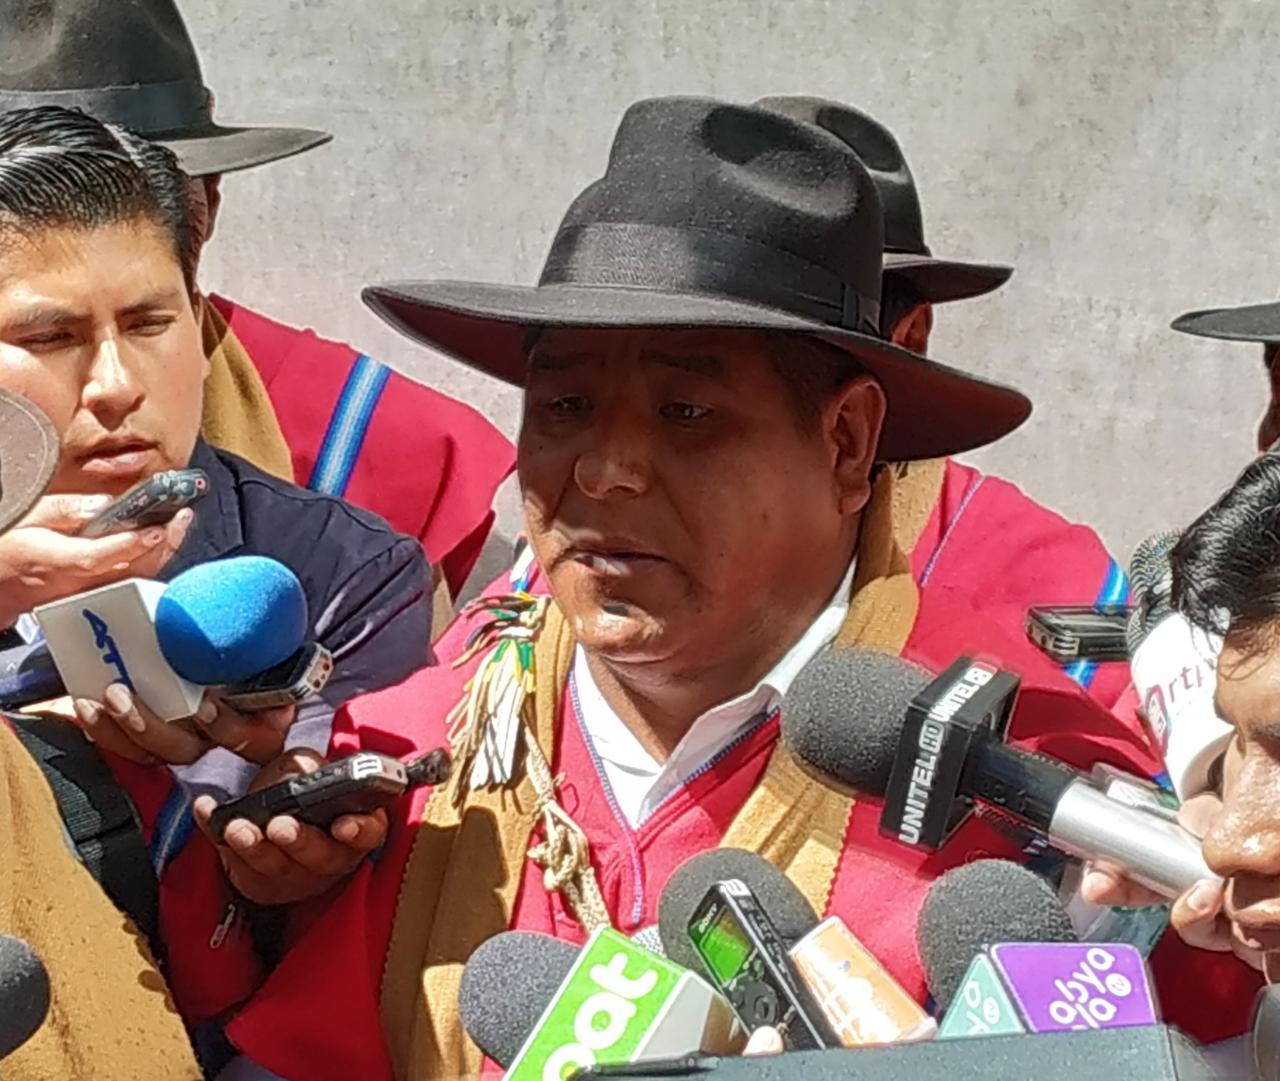 Ponchos Rojos de la provincia Omasuyo no permitirán el ingreso de campañas políticas opositoras